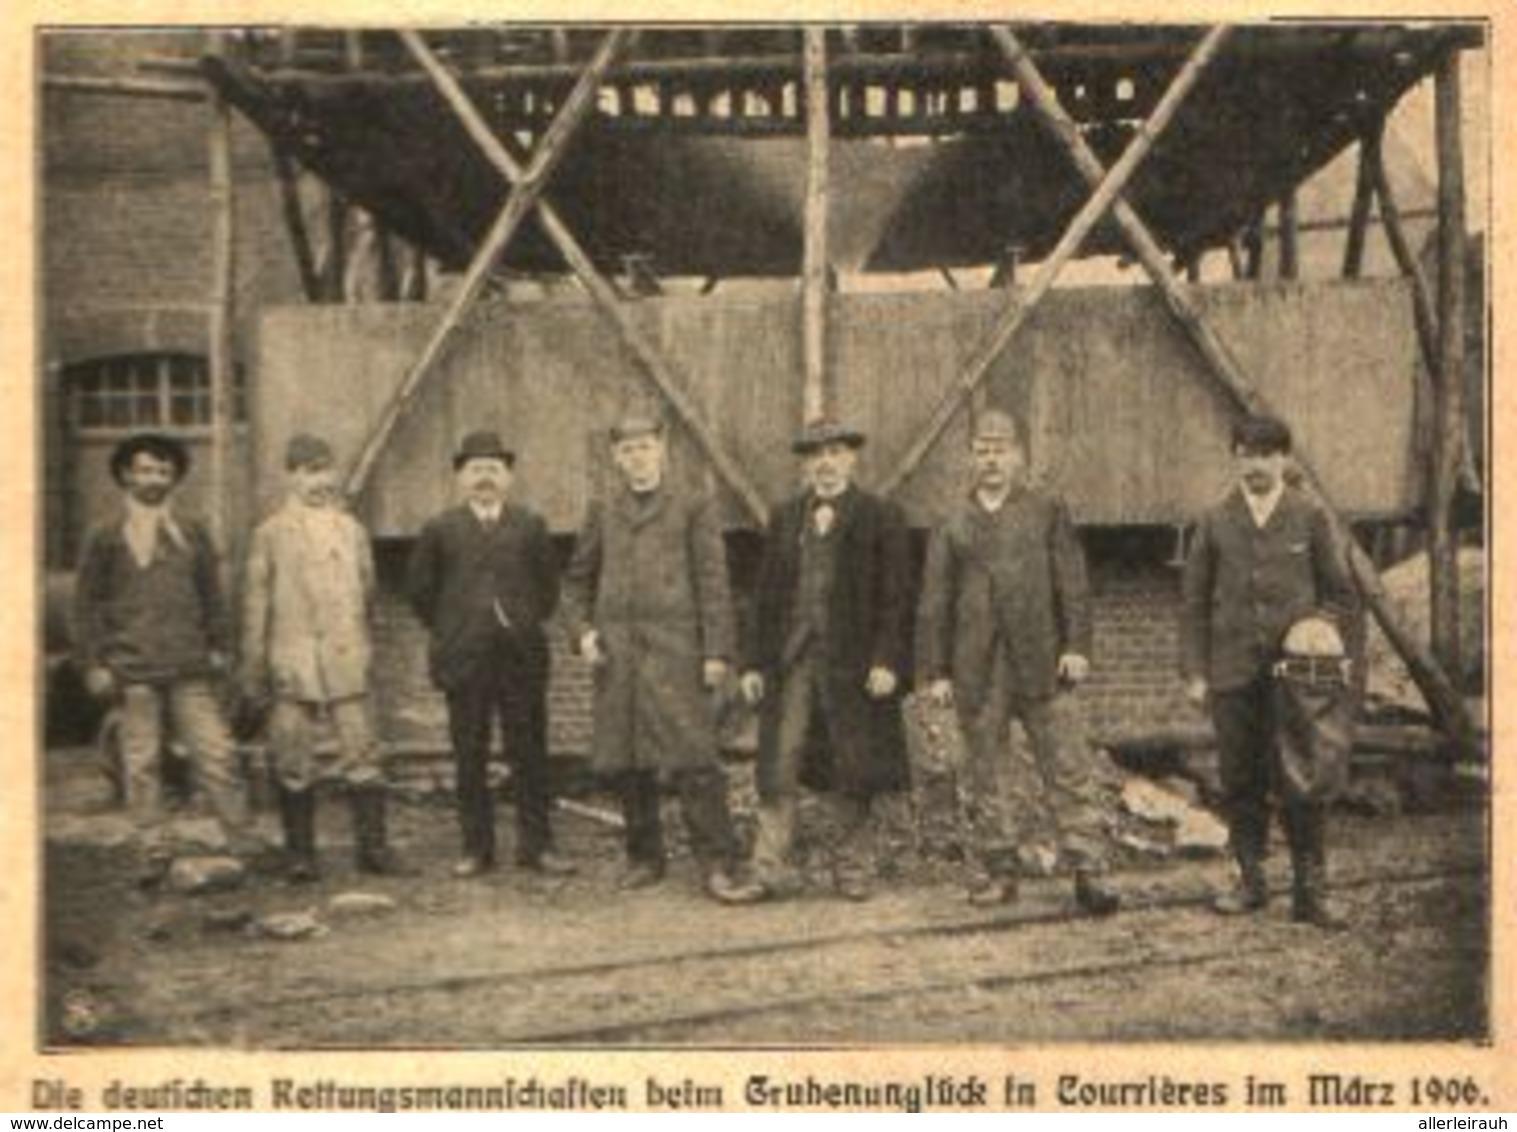 Deutsche Rettungsmannschaften Beim Grubenunglueck In Courrières Im März 1906/ Druck, Entnommen Aus Kalender / 1907 - Bücherpakete